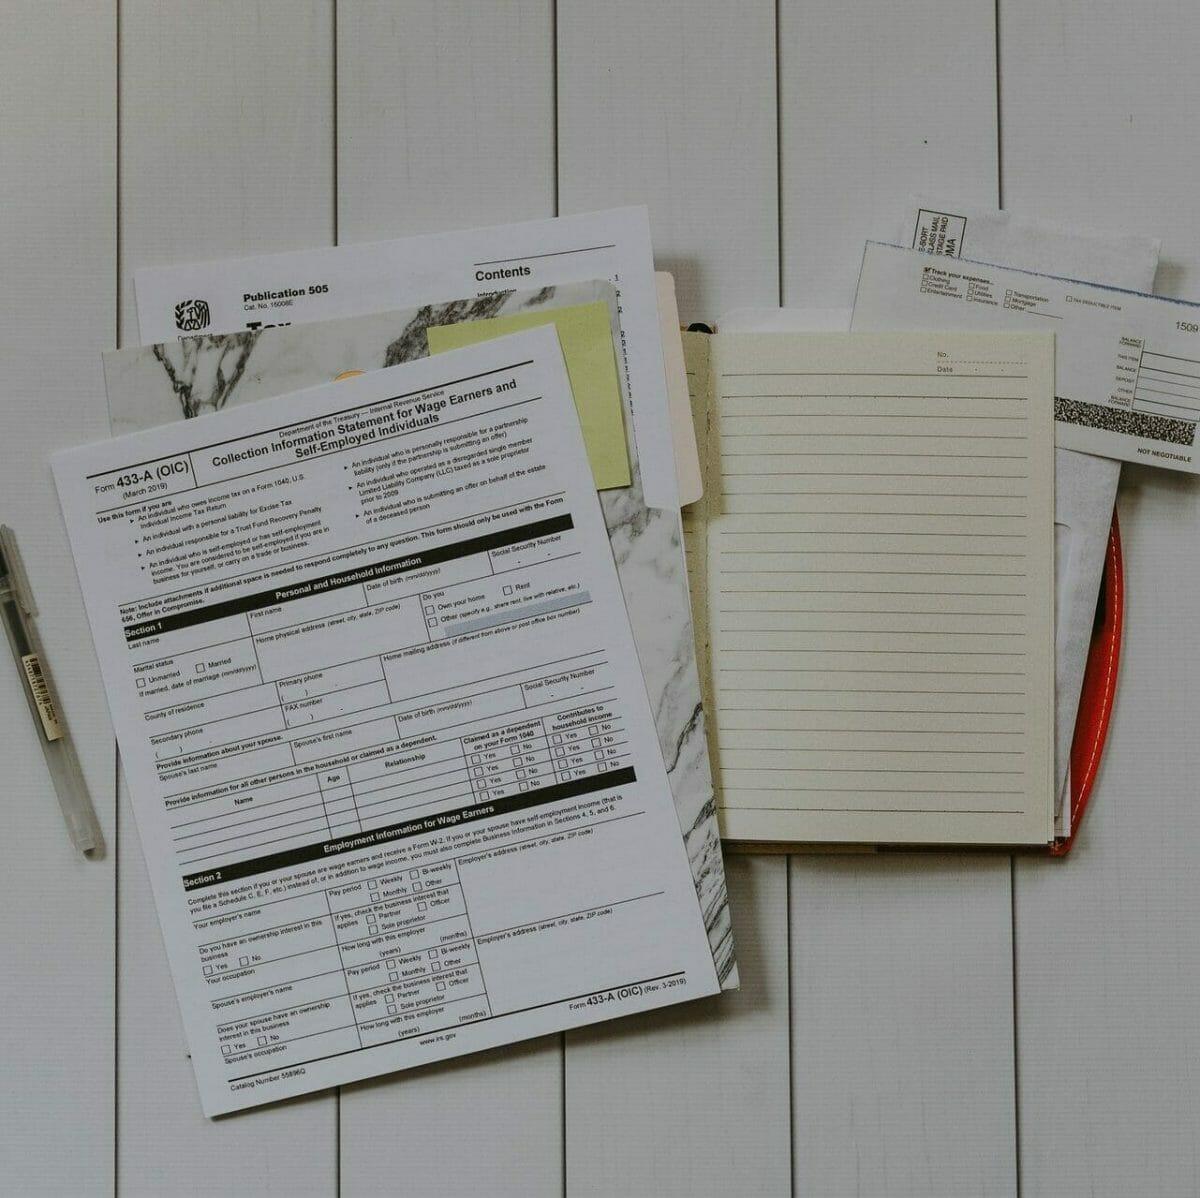 Este artículo habla acerca de presentar una declaración de impuestos a último momento. La imagen es acorde.